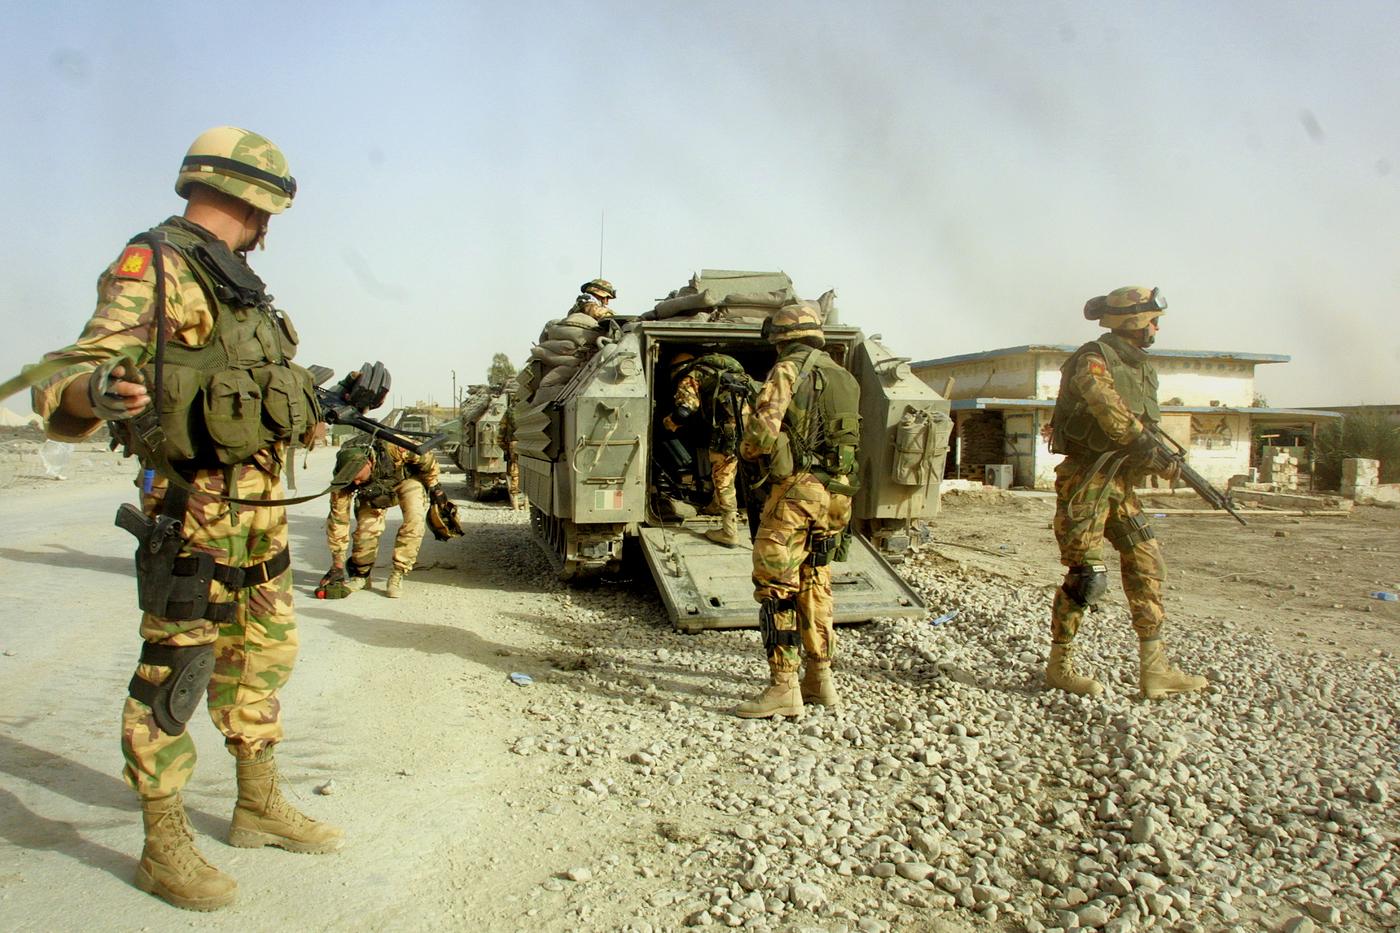 ©CRISTIANO LARUFFA/LAPRESSE 17-05-2004  NASSIRIYA  IRAQ ESTERI MISSIONE ANTICA BABILONIA LAGUNARI DELL' ESERCITO  IN PROCINTO DI PARTIRE PER UN PATTUGLIAMENTO DELLA CITTA'